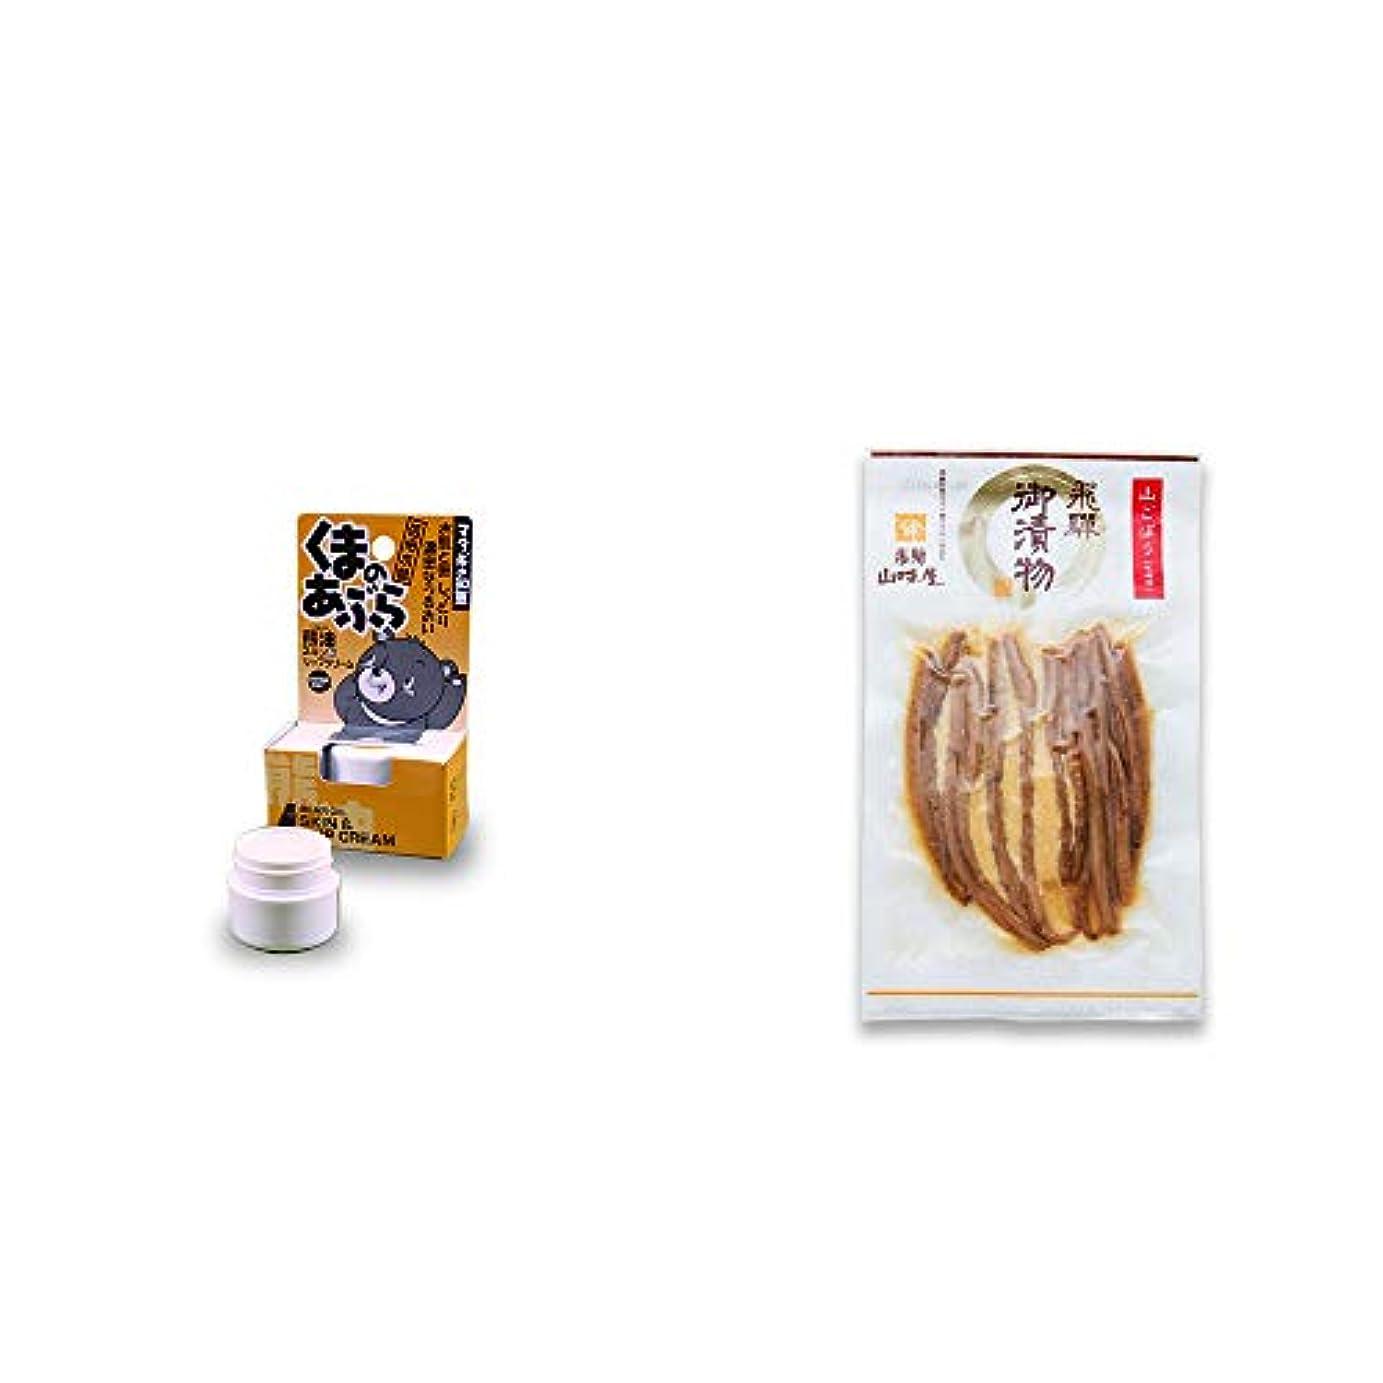 縮れたつば補助金[2点セット] 信州木曽 くまのあぶら 熊油スキン&リップクリーム(9g)?飛騨山味屋 山ごぼう味噌漬(80g)